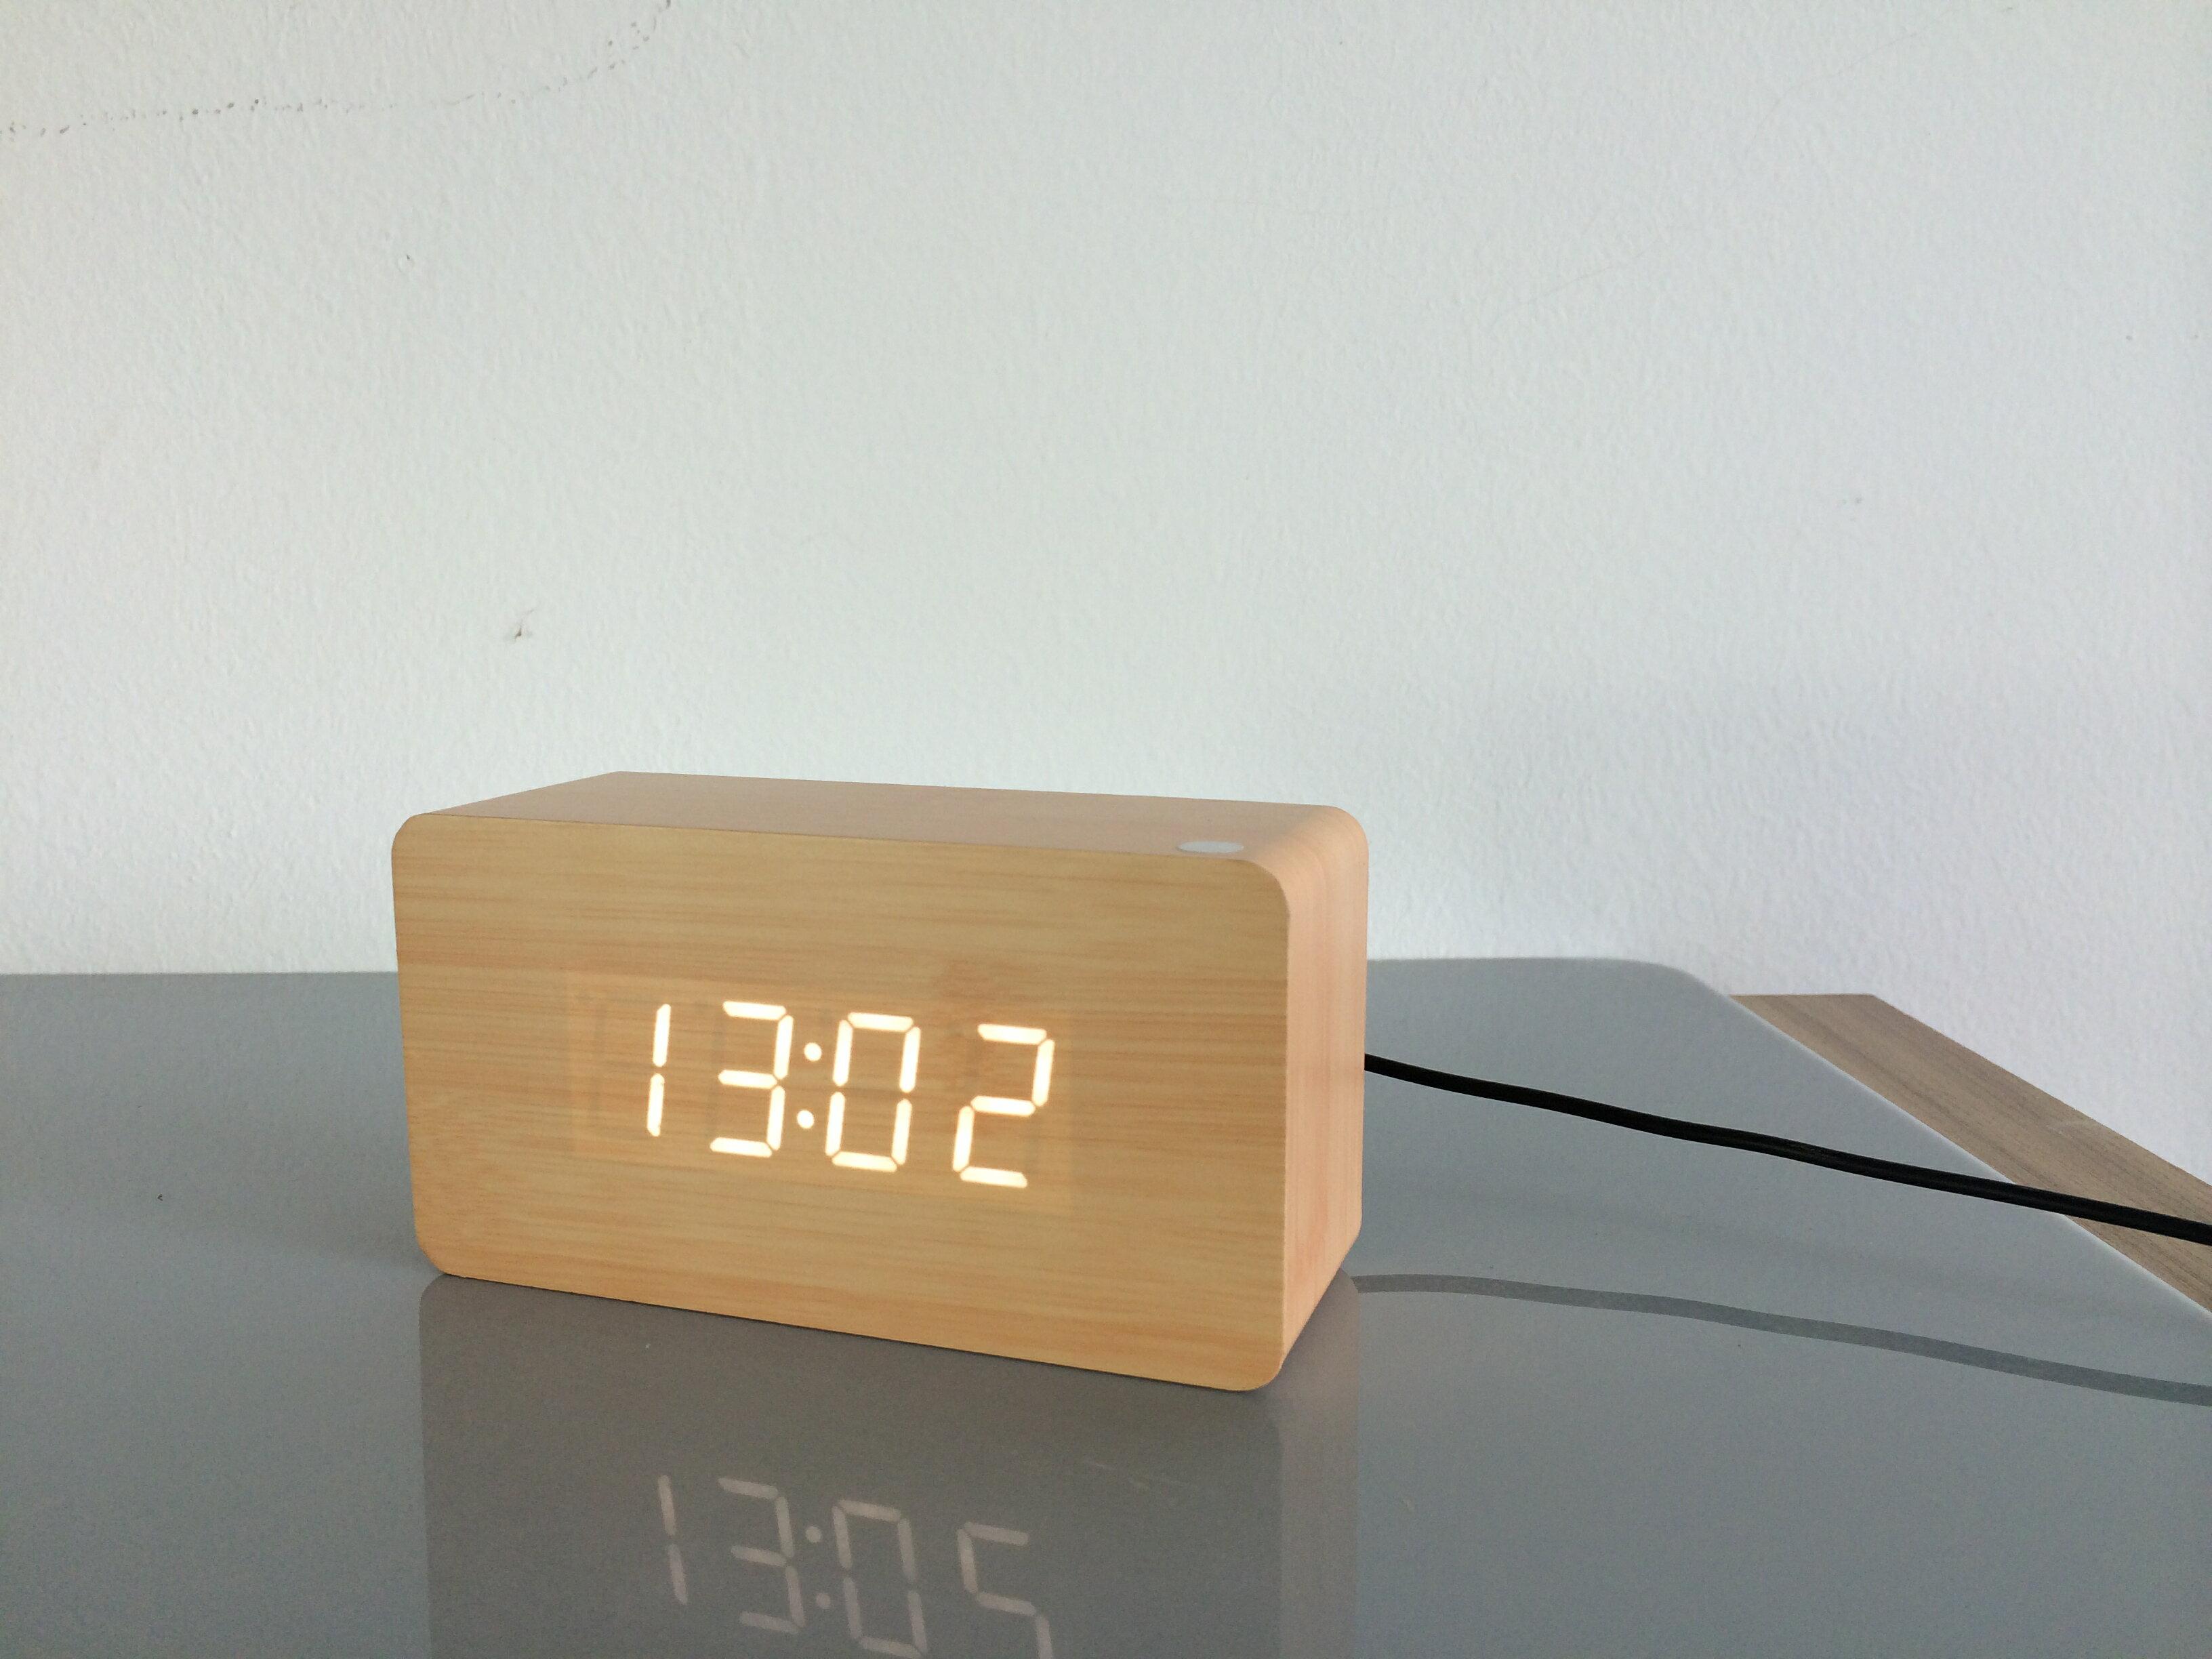 【現貨 】USB 聲控 木質時鐘 簡約時尚  電子鬧鐘 日期 溫度 濕度 萬年曆 迷你鬧鐘 LED 8